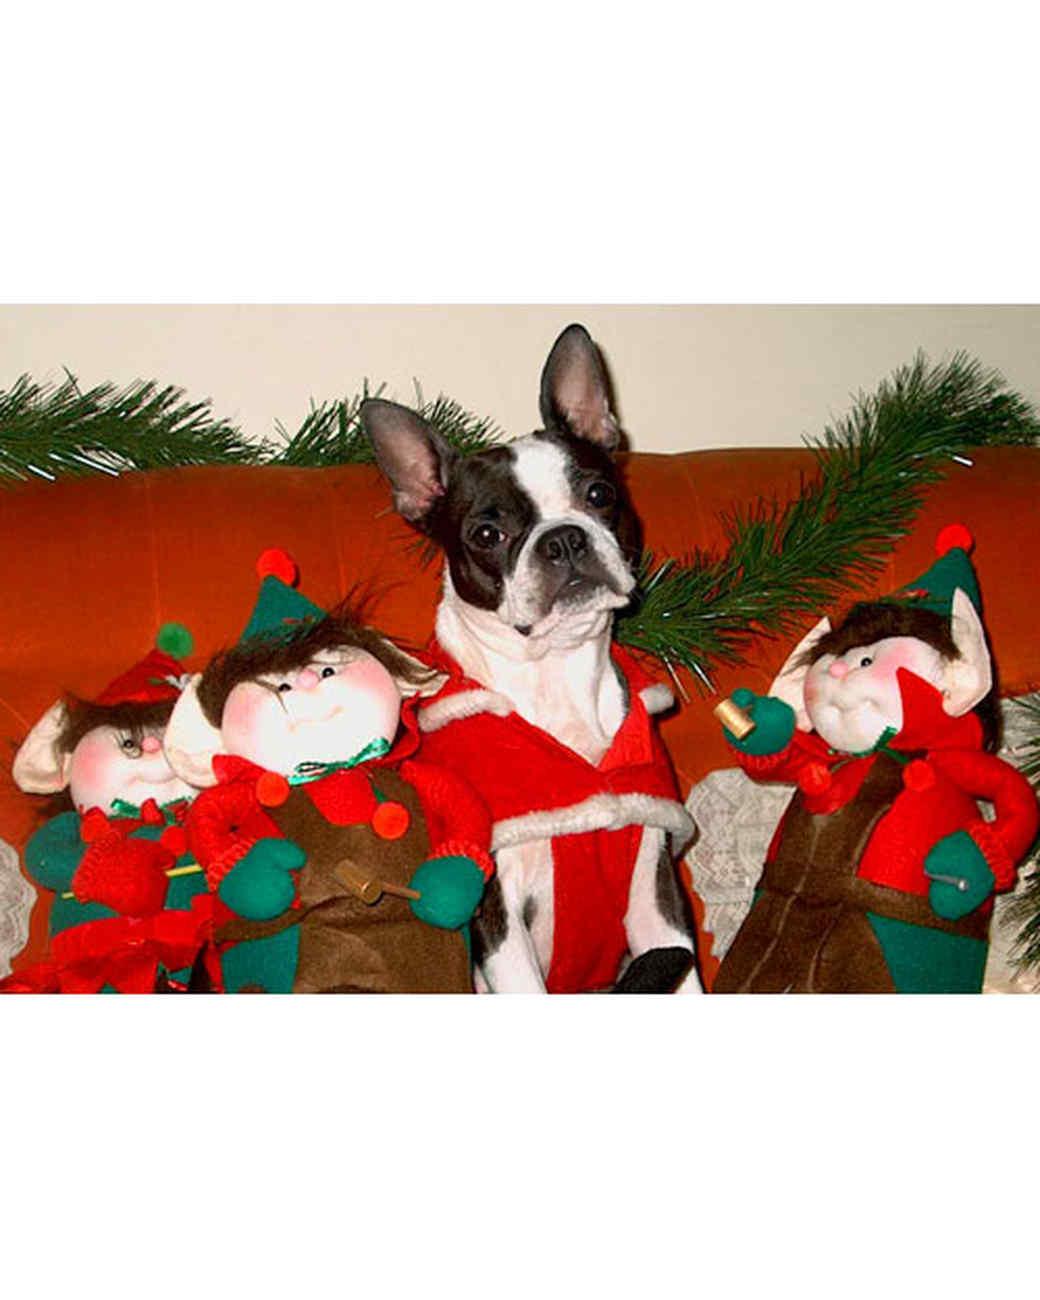 pets_ugc_santa_11710302_11975891.jpg